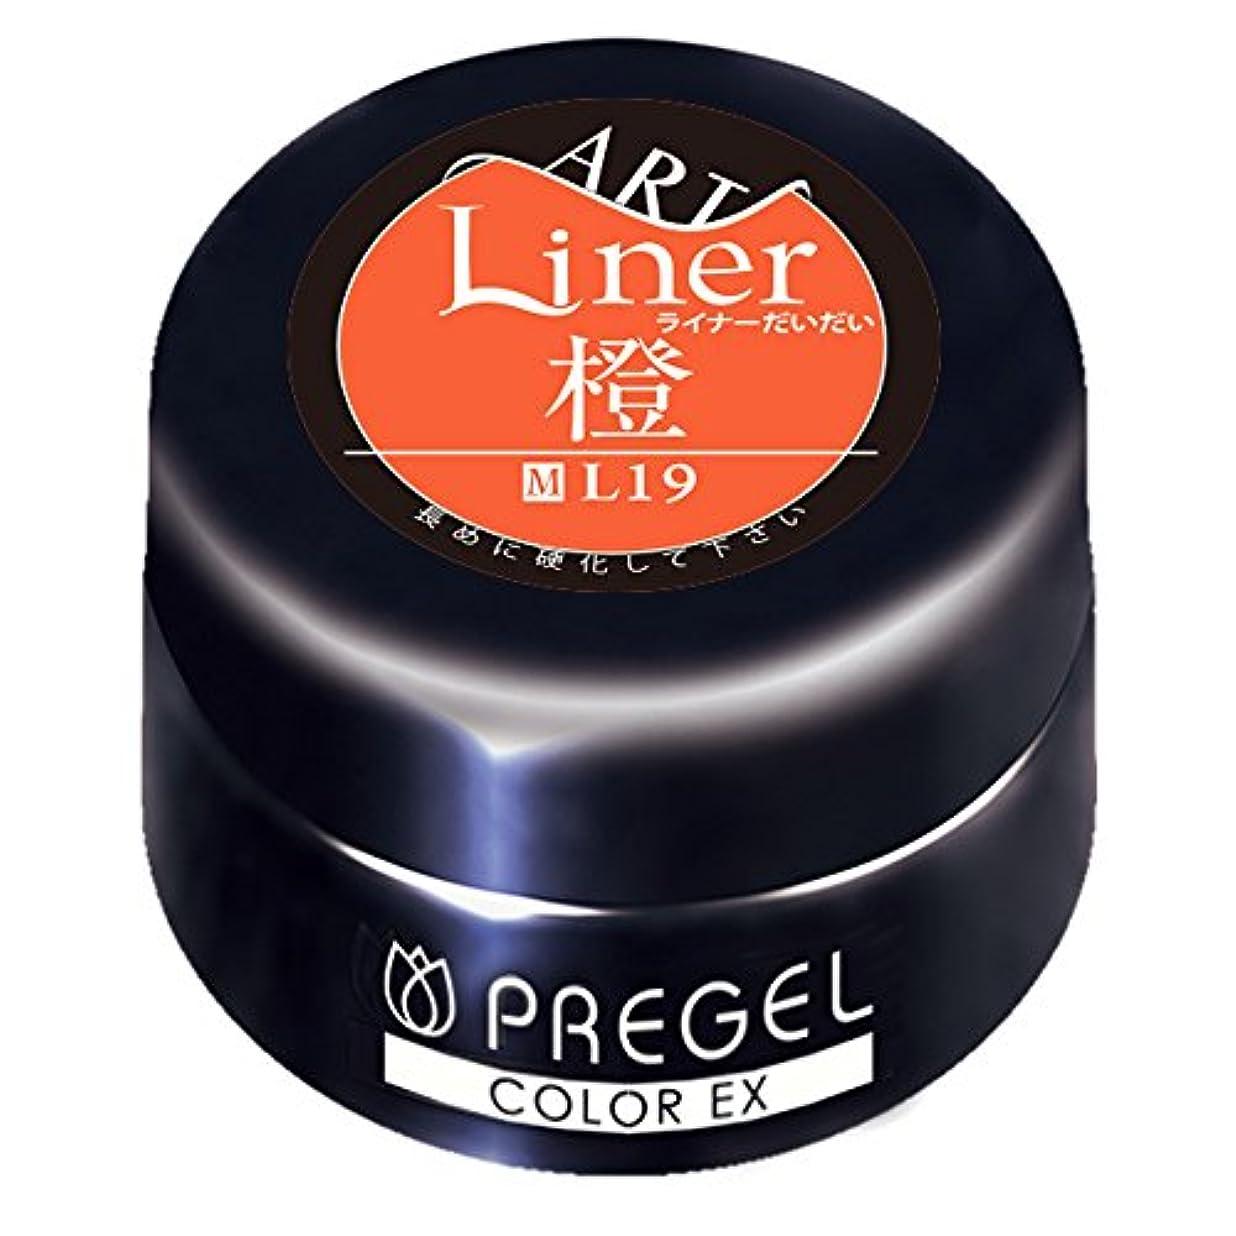 見込み男ほのめかすPRE GEL カラーEX ライナー橙19 4g UV/LED対応